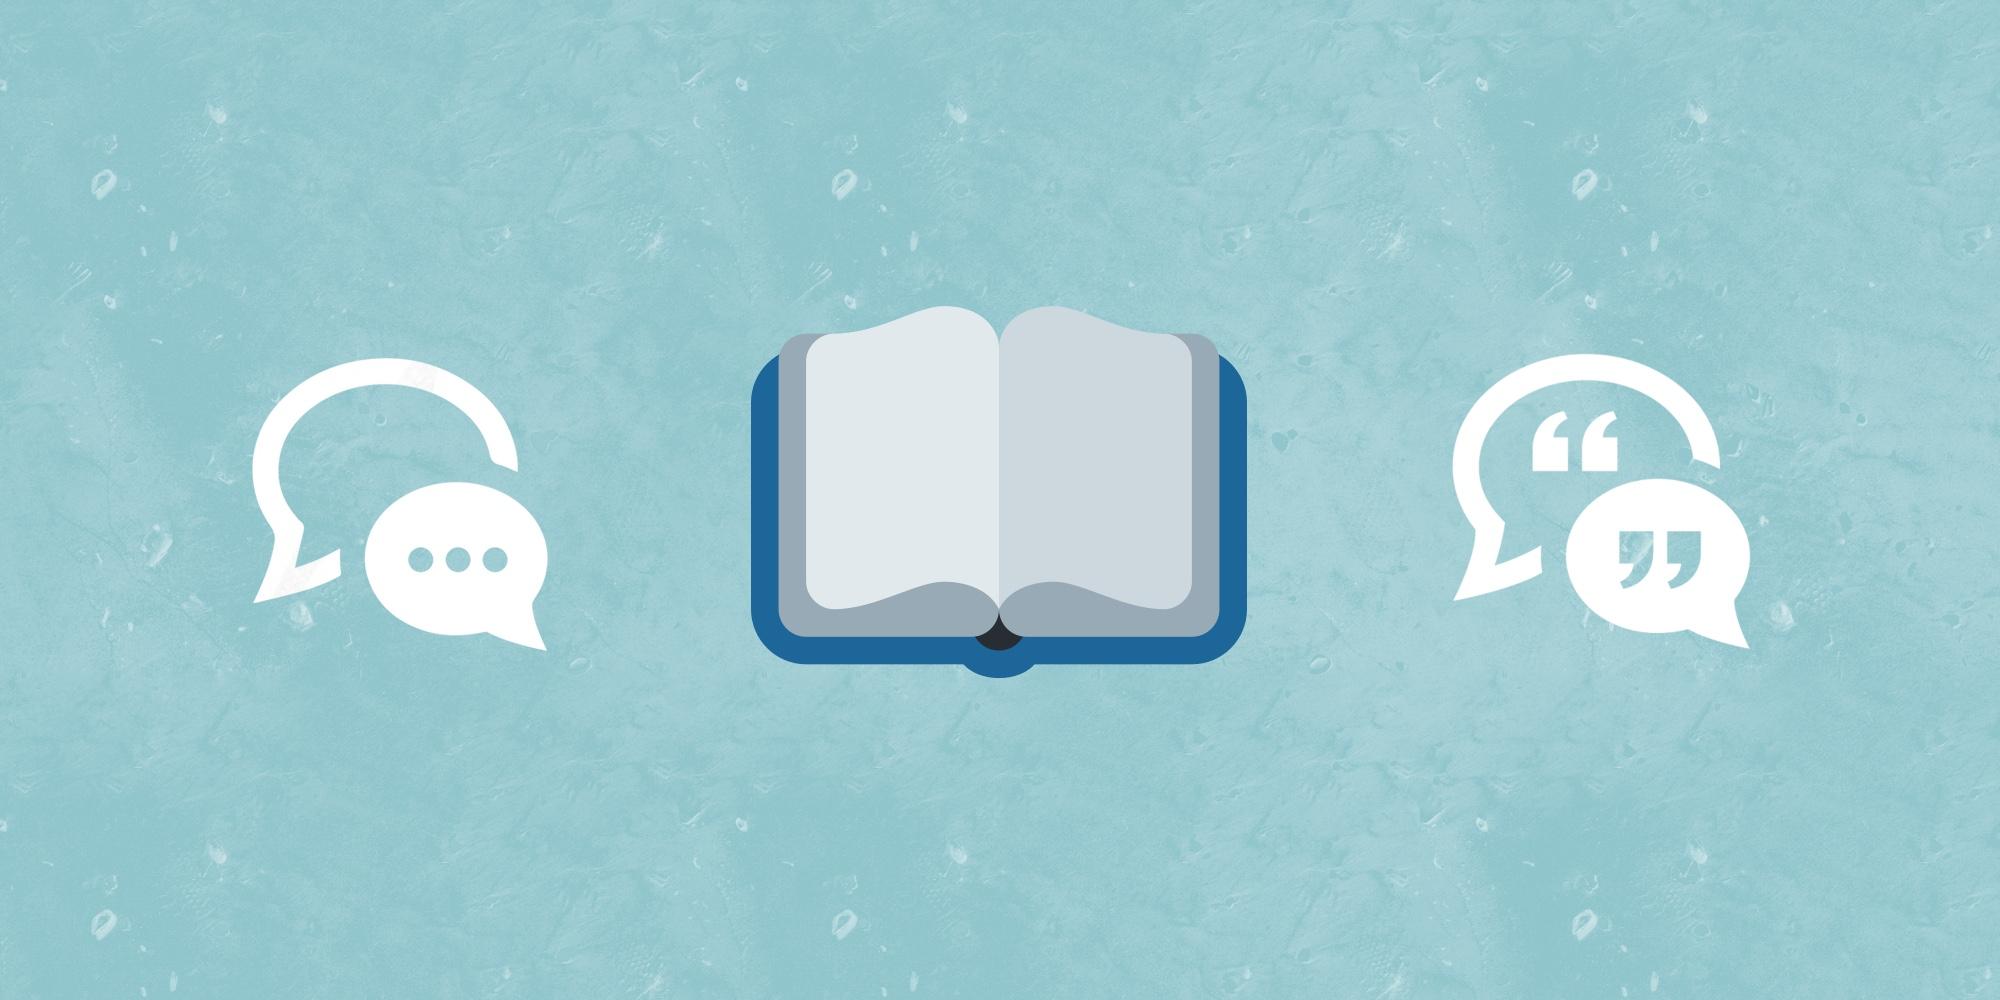 📕 ТОП-10 книг по обработке естественного языка: от новичка до профессионала